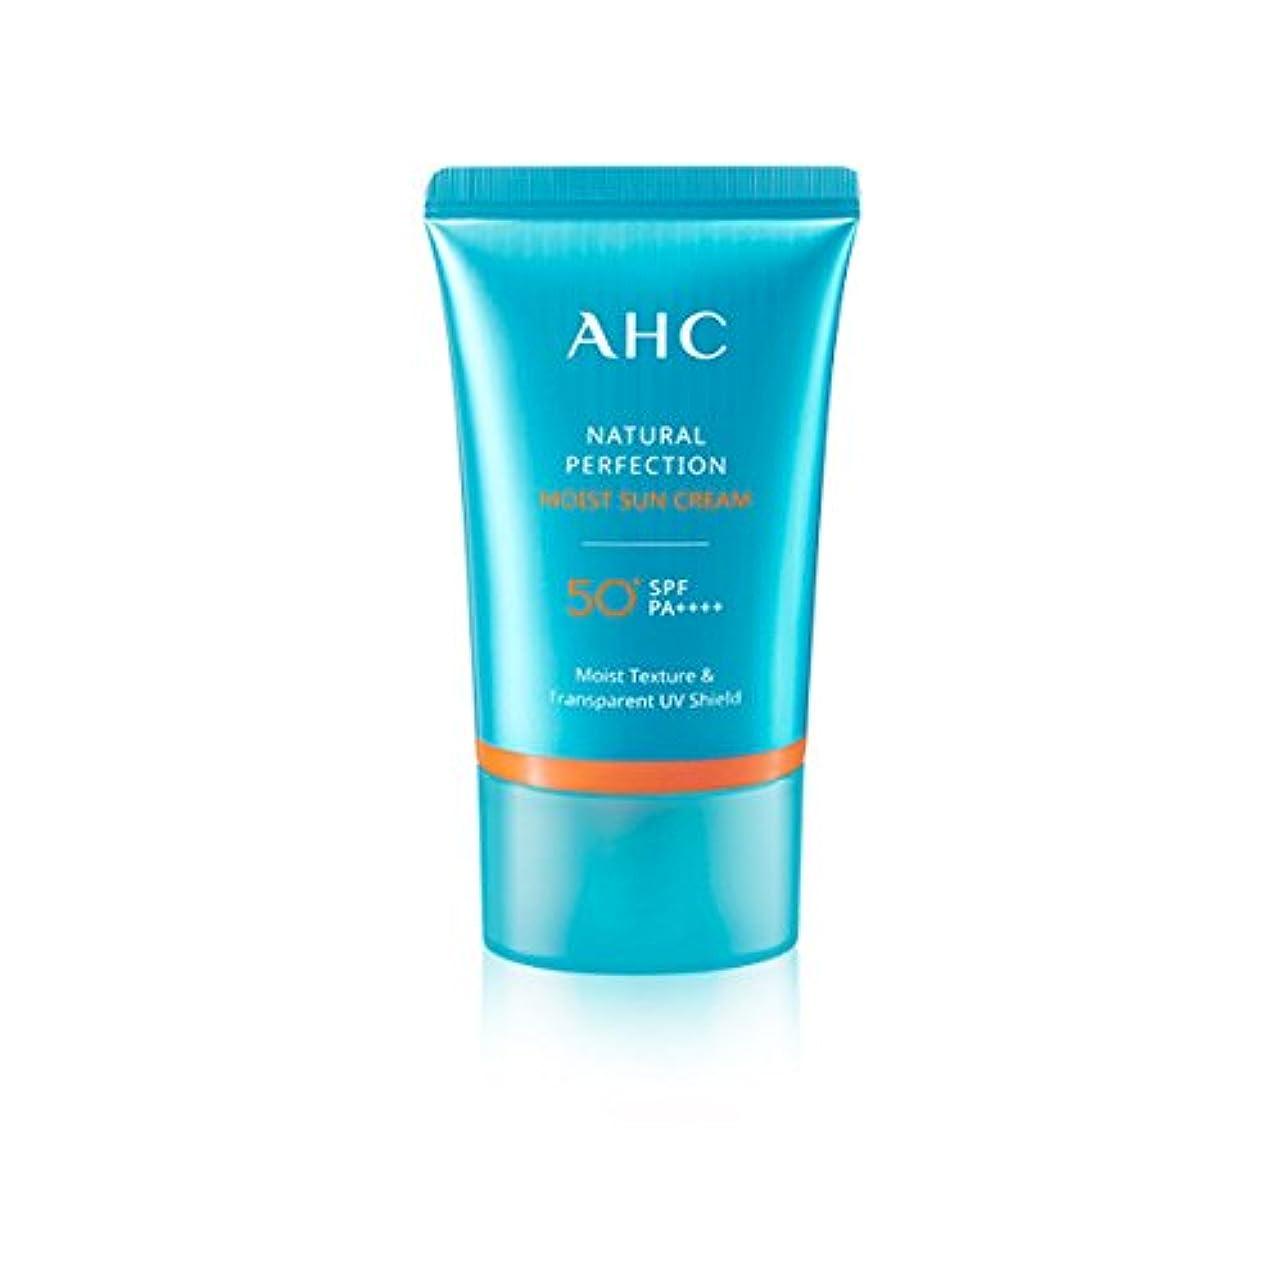 AHC Natural Perfection Moist Sun Cream 50ml/AHC ナチュラル パーフェクション モイスト サン クリーム 50ml [並行輸入品]